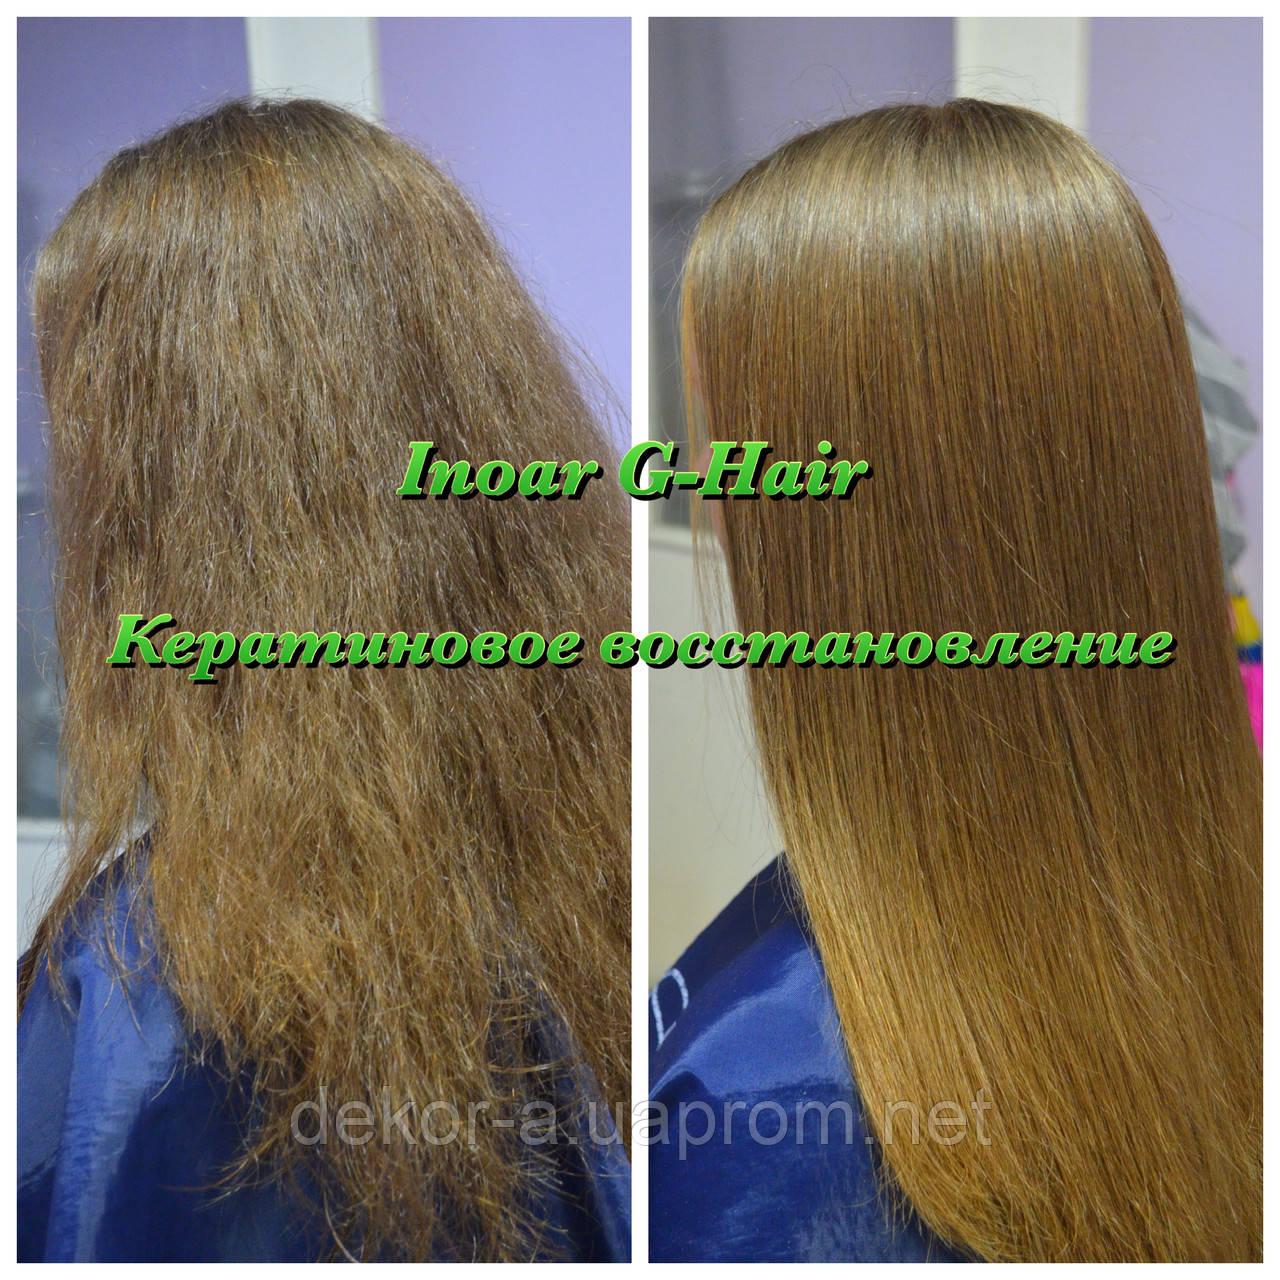 Его лонда спрей для роста волос специальный восстанавливающий витаминный